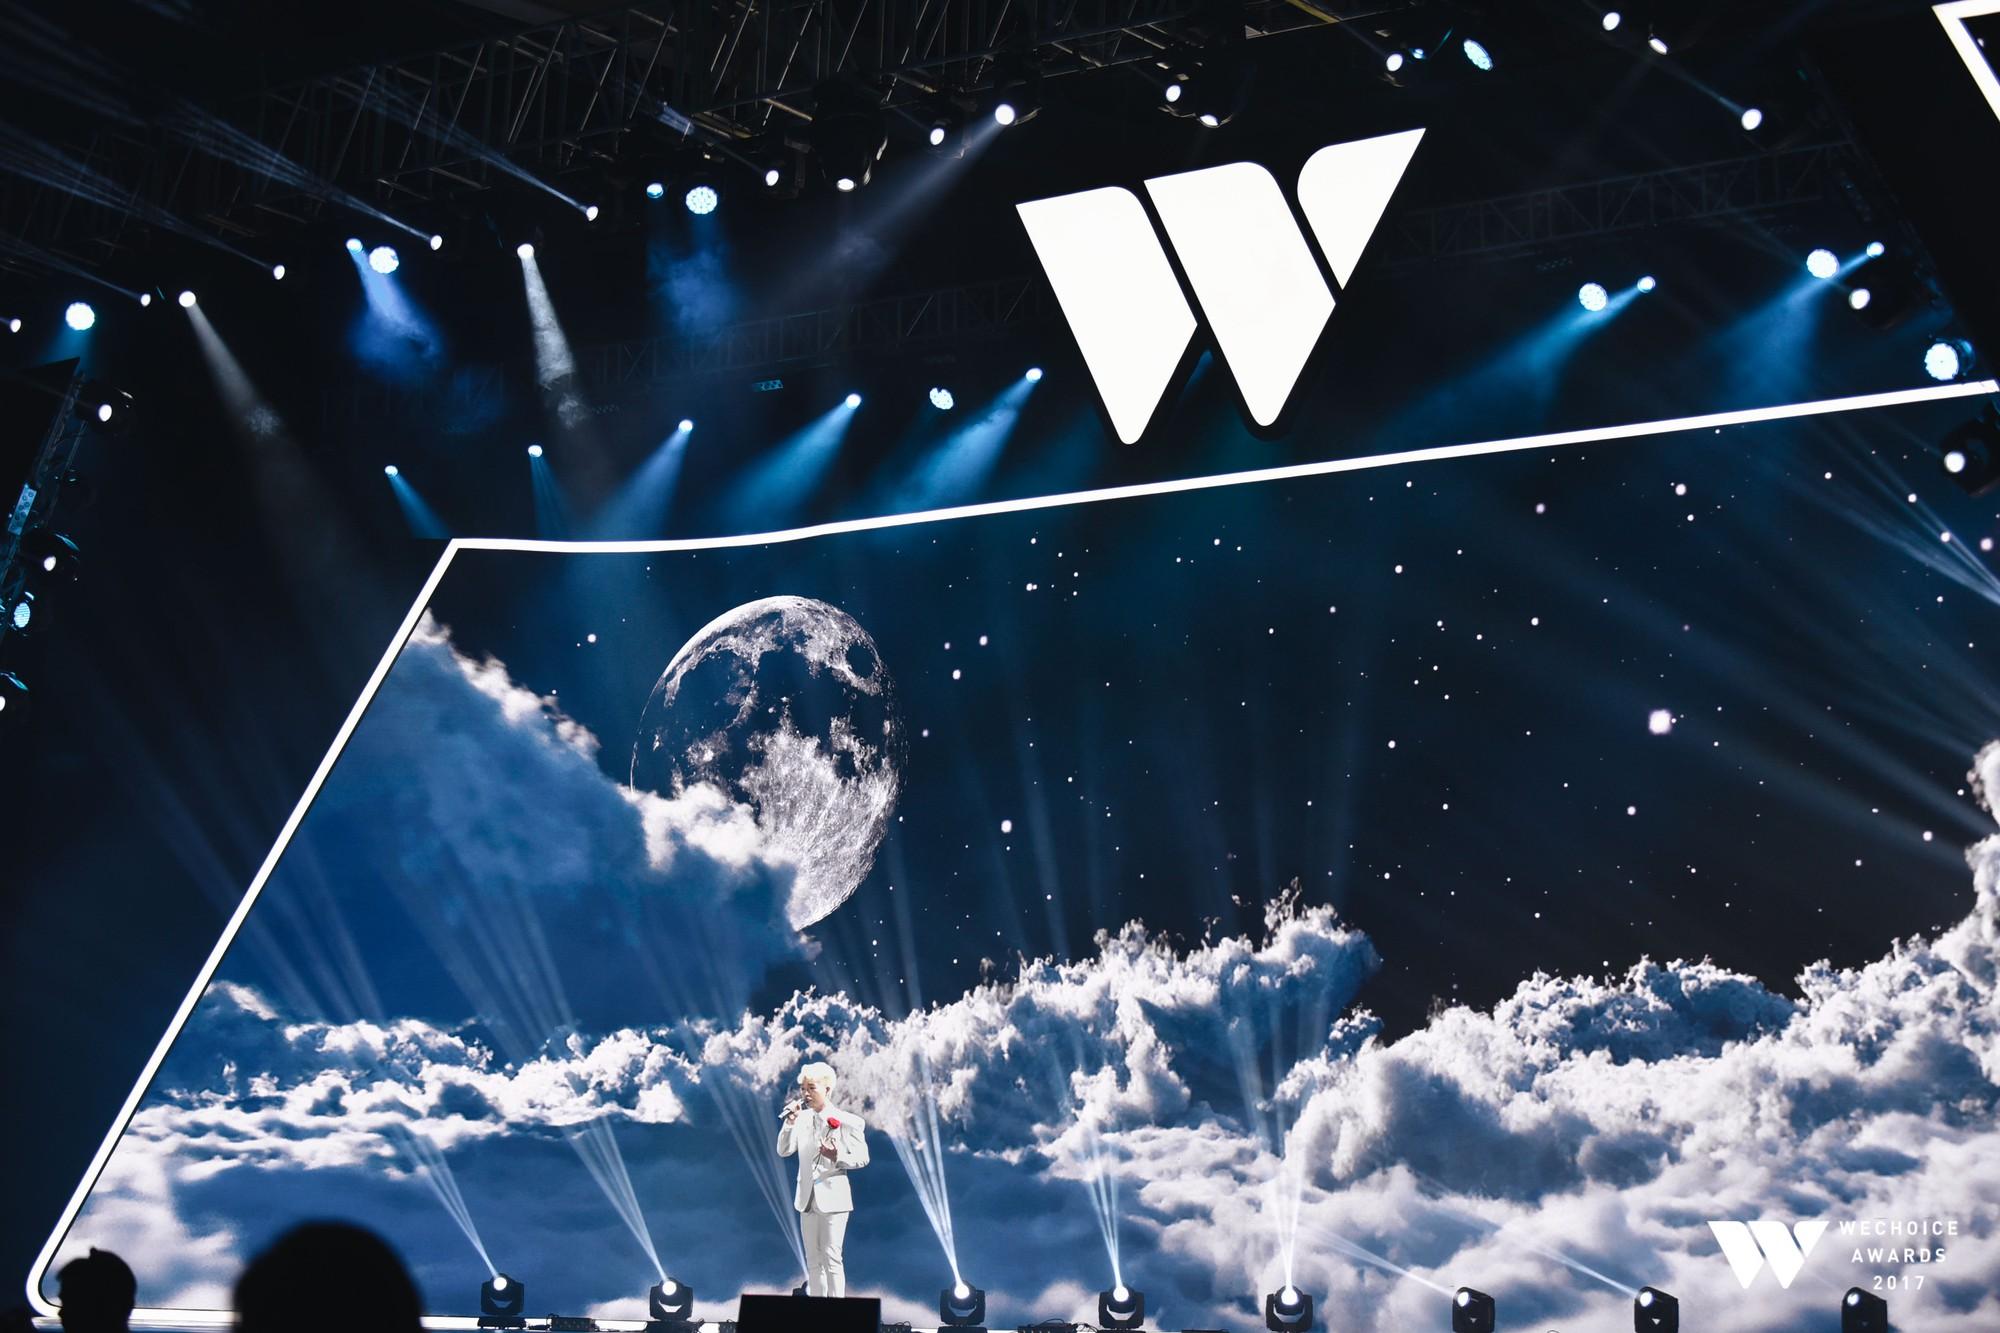 Khoảnh khắc WeChoice Awards: Đẹp nhất là khi Sơn Tùng, bé Bôm và các nghệ sĩ Việt cùng chậm lại trong dòng cảm xúc vỡ òa - Ảnh 23.